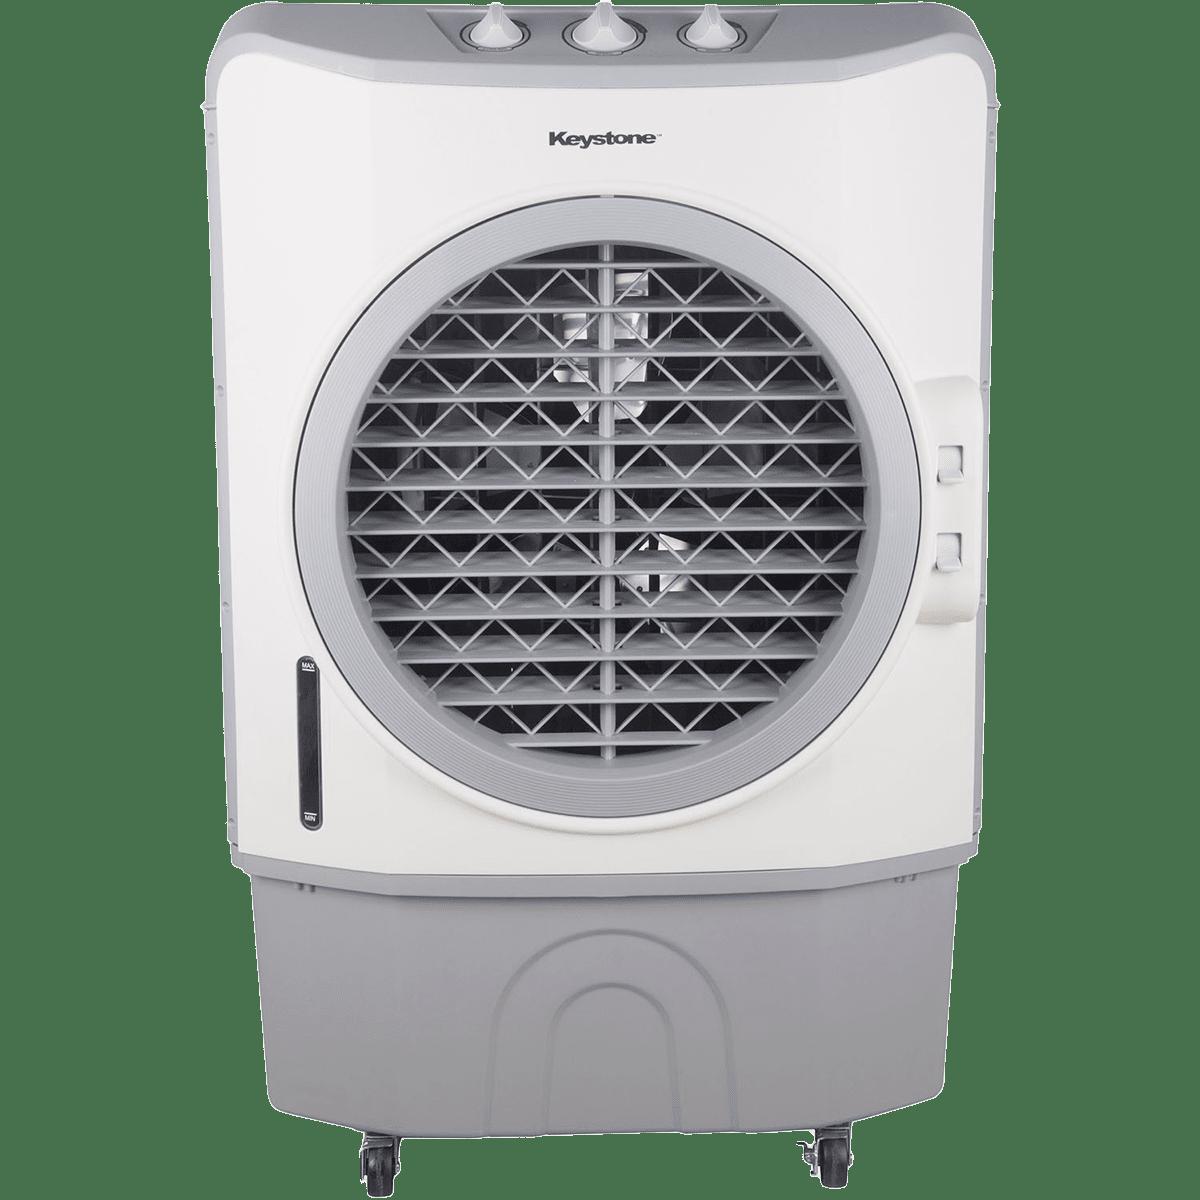 Keystone 40 Liter Outdoor Evaporative Cooler ke7687